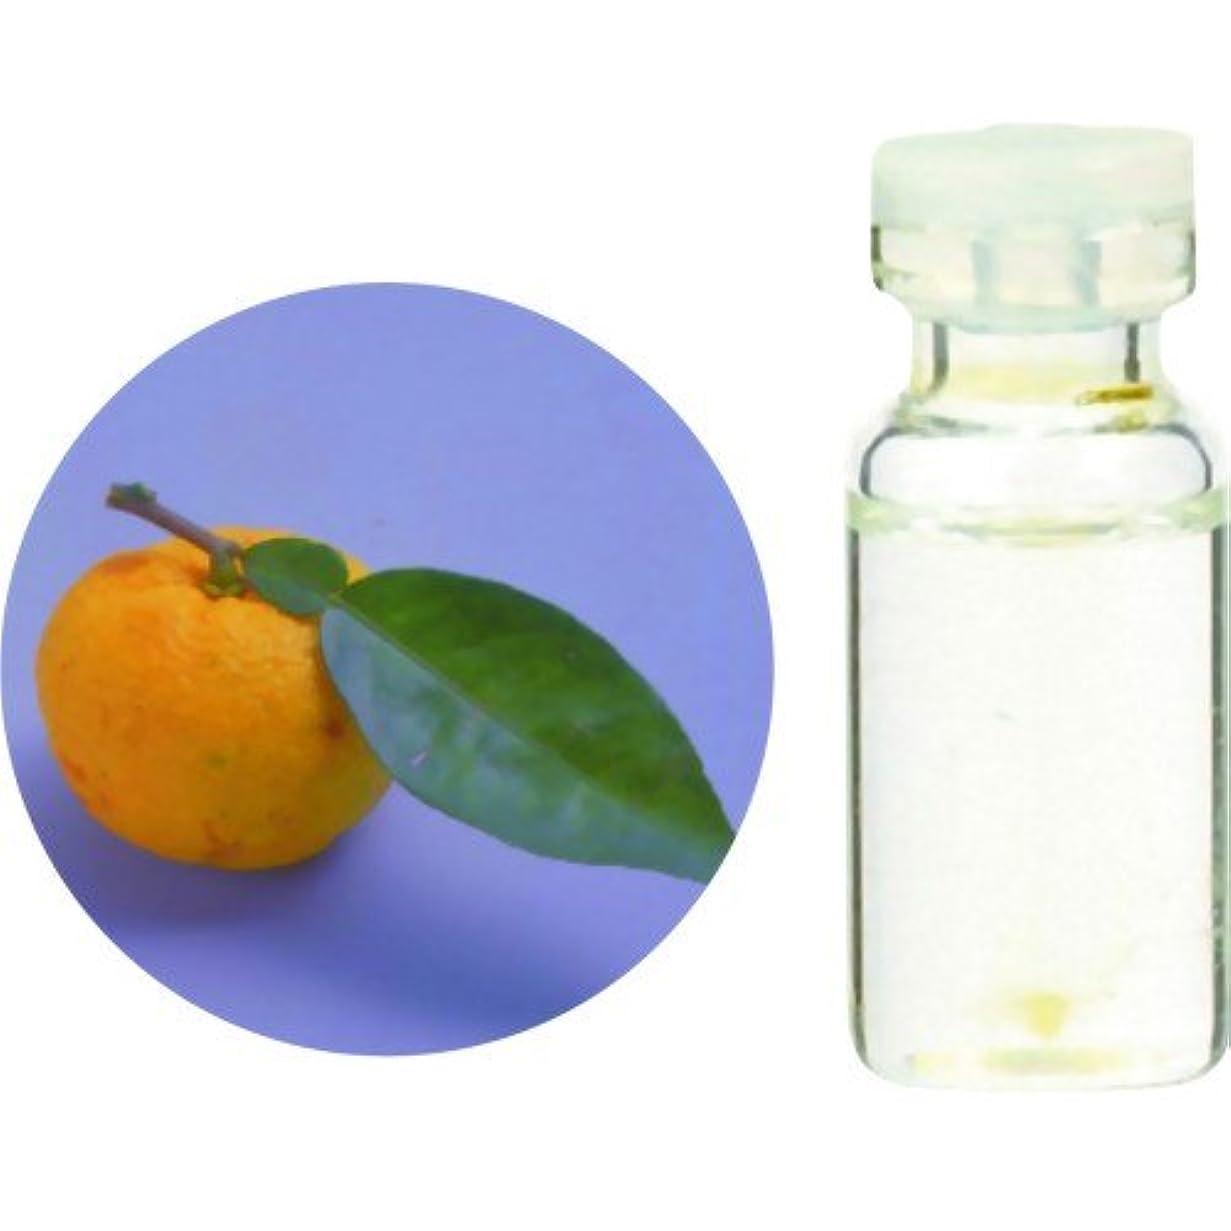 ウェイド深遠バラ色生活の木 Herbal Life 和精油 柚子(ゆず)(水蒸気蒸留法) 3ml